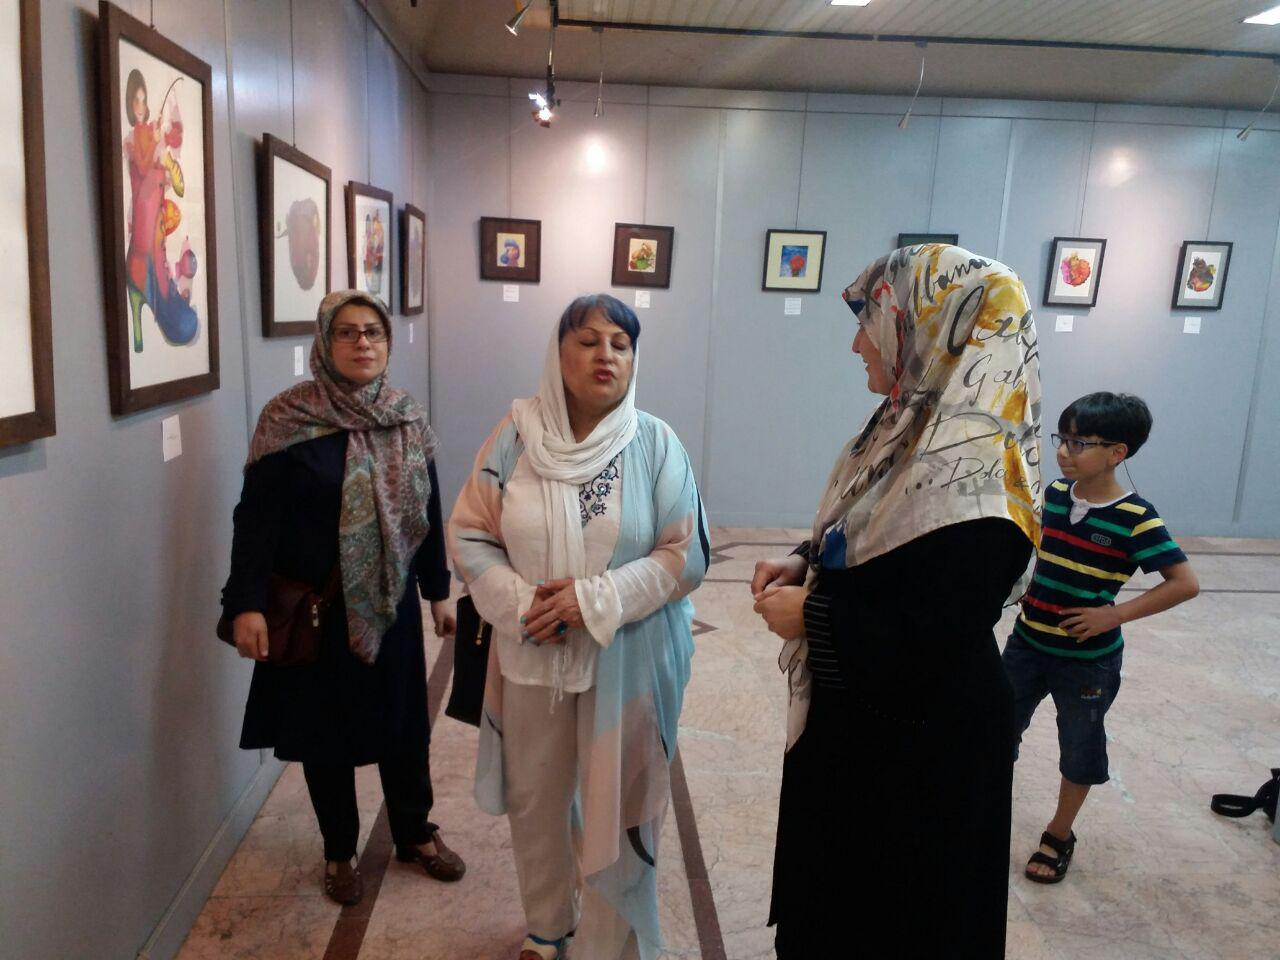 نمایشگاه تصویرسازی آمنه برزگر در رشت